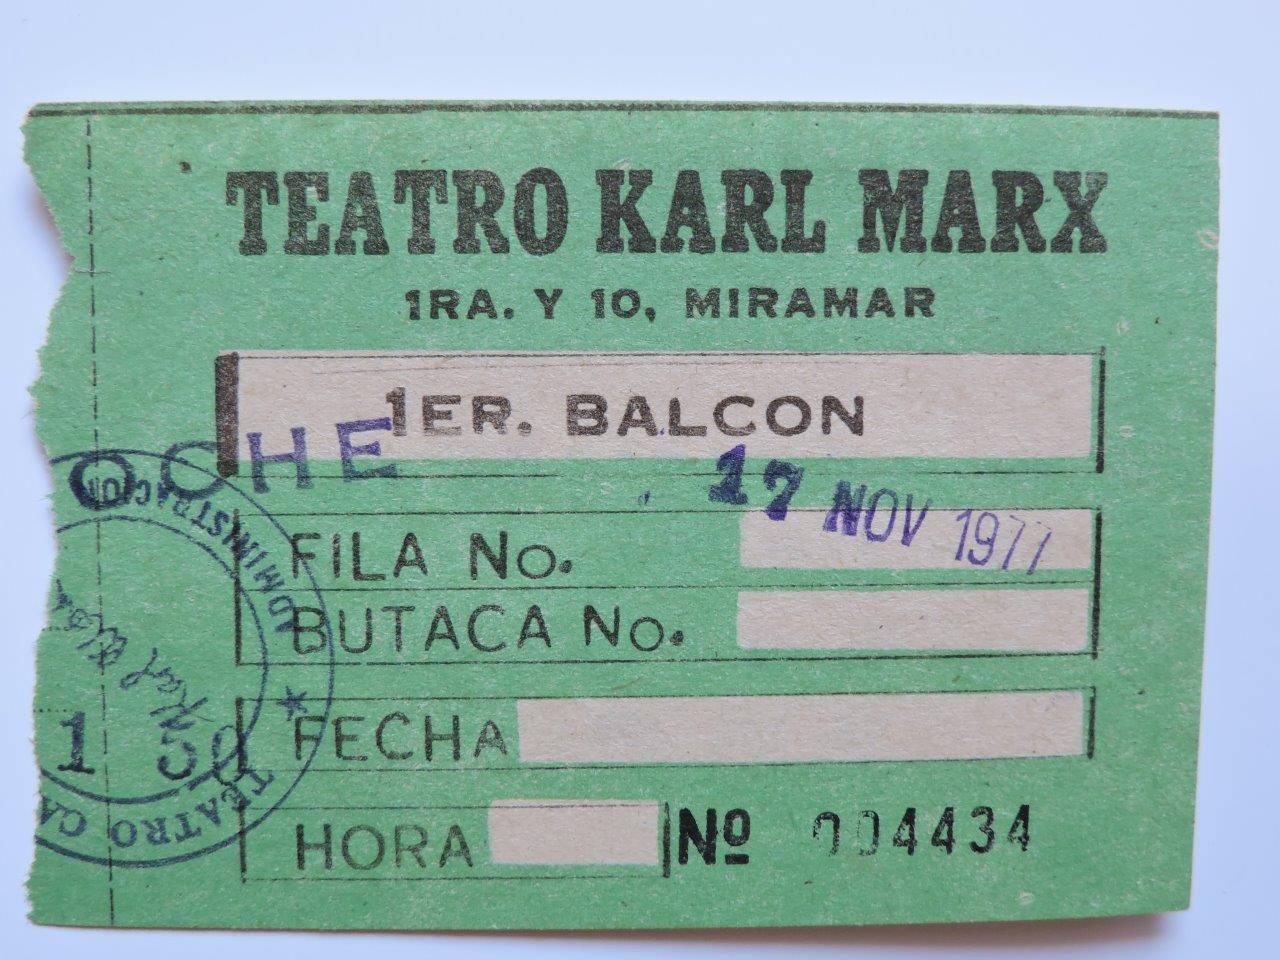 1977-11-17. Билет в большой концертный зал «Карл Маркс». В районе Мирамар, относительно недалеко от бывшего ГКЭС и гостиницы «Сьерра Маэстра».